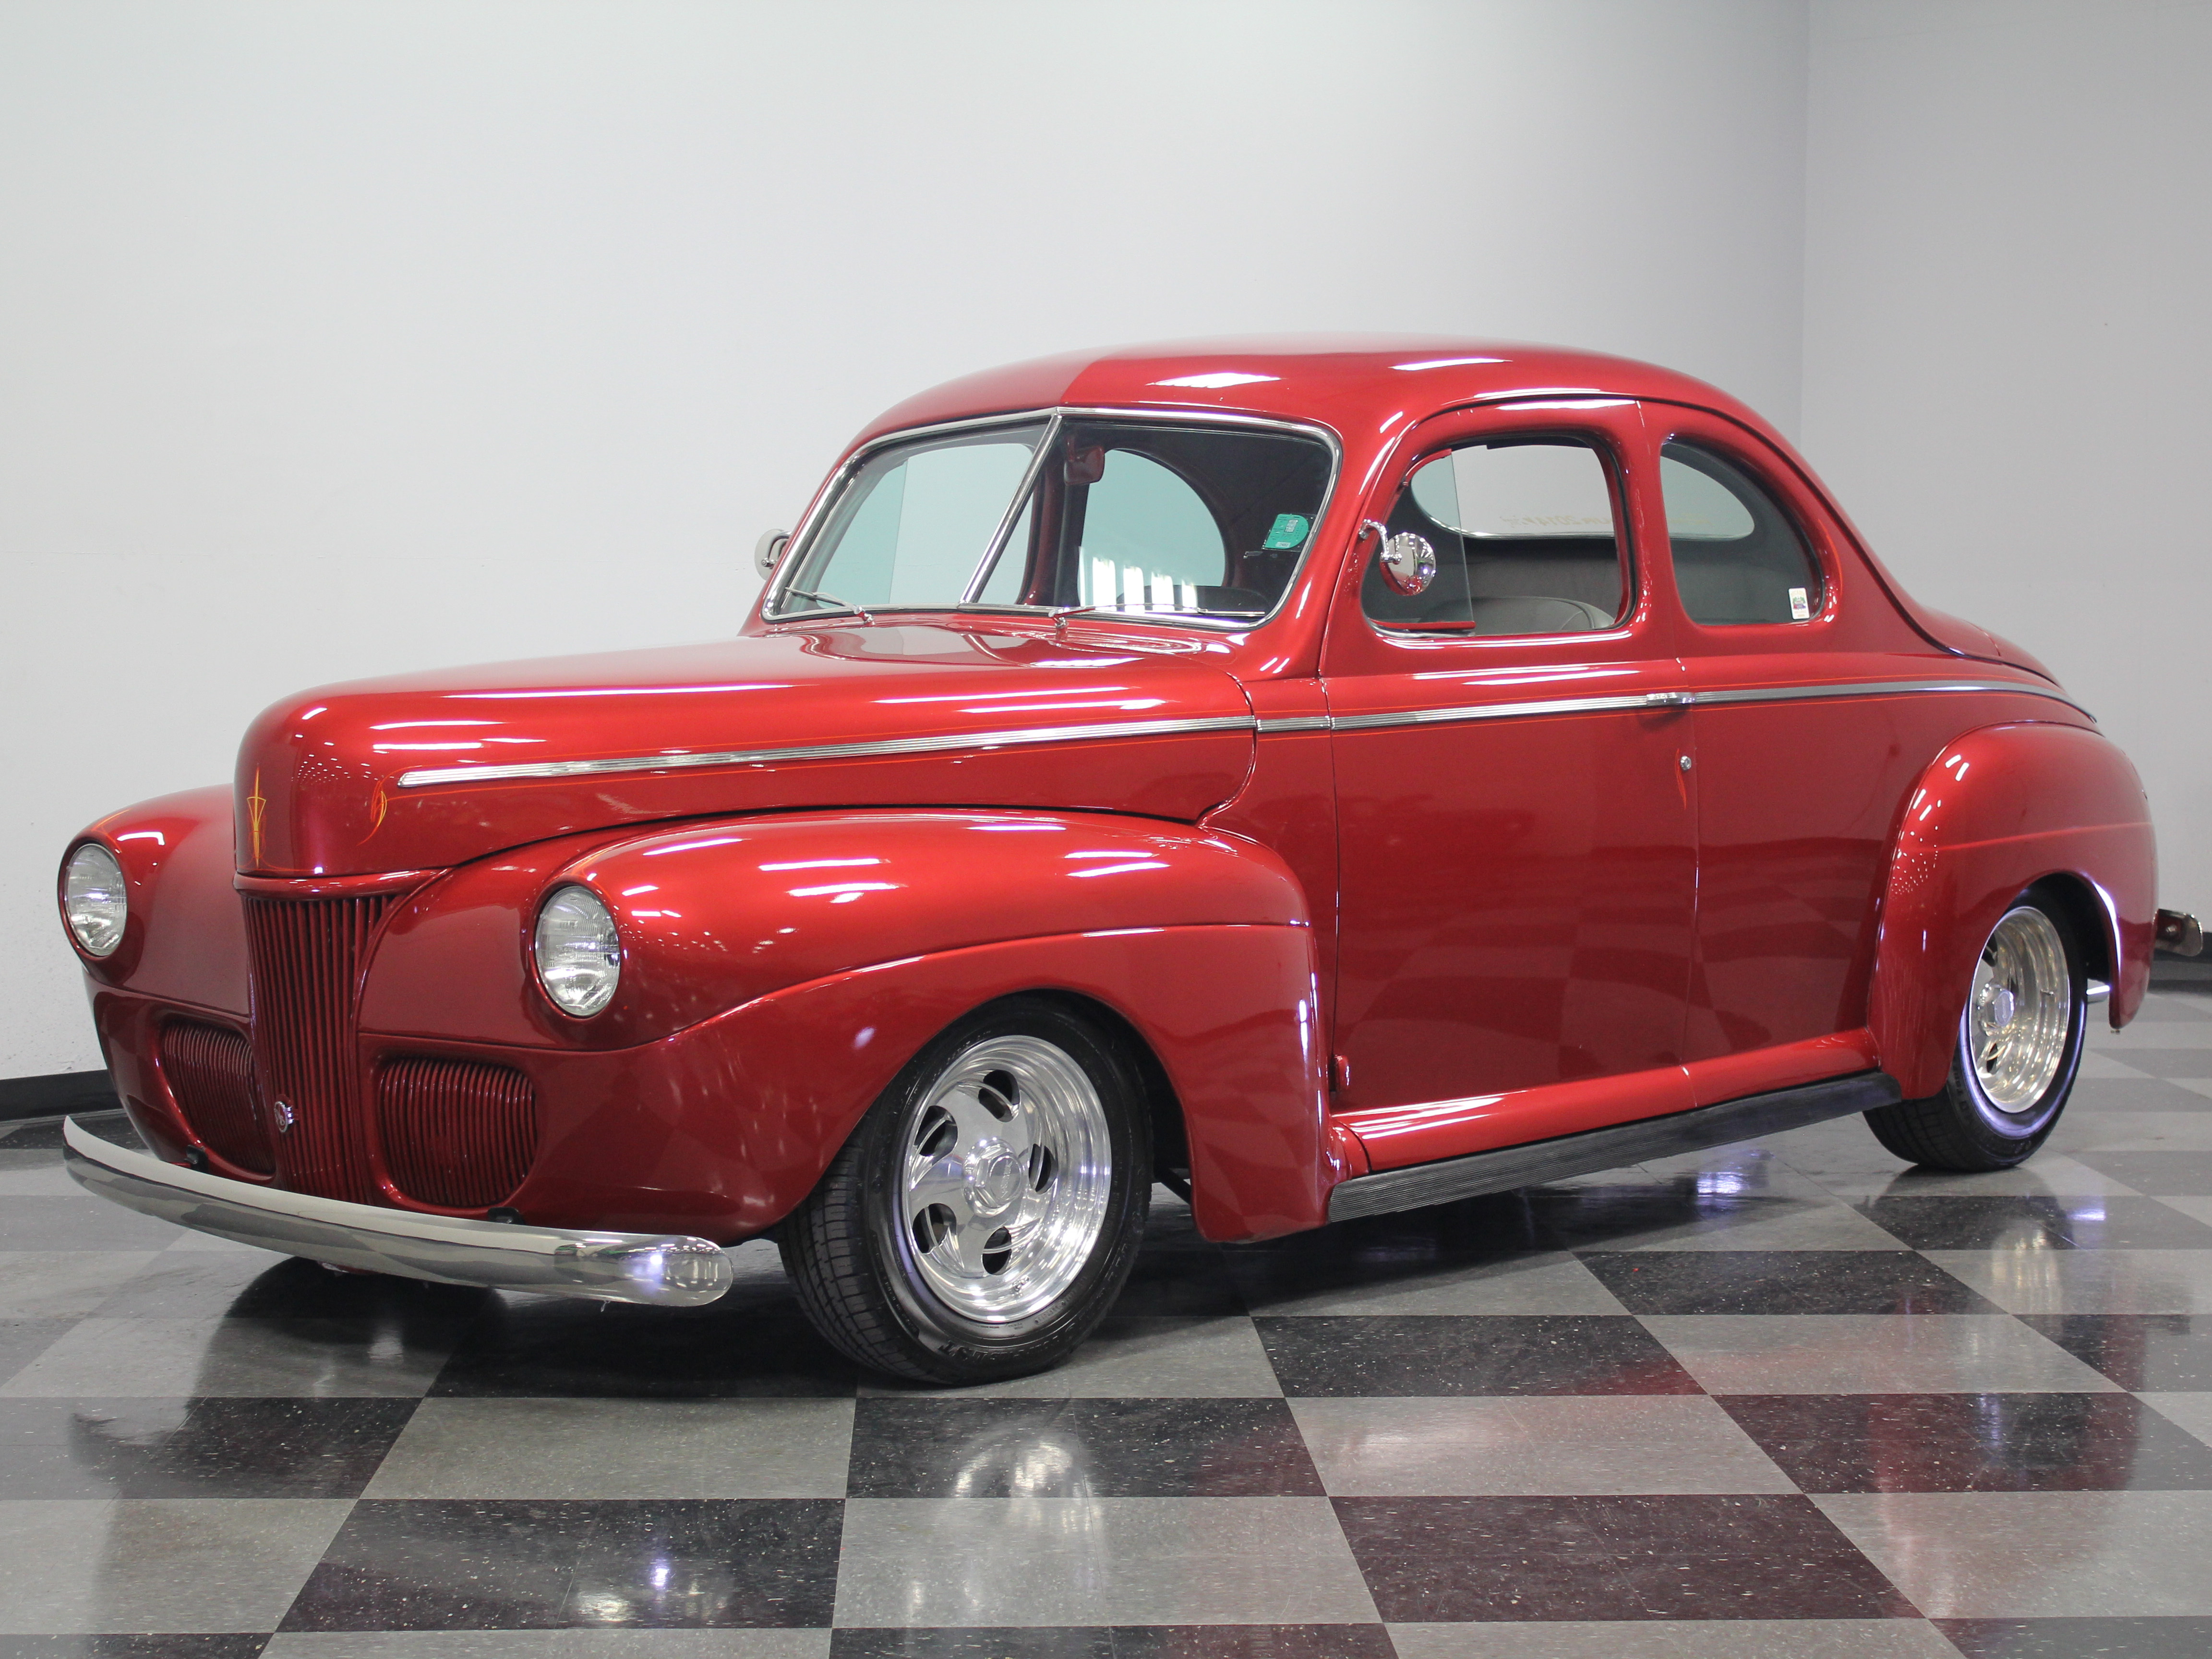 Used Car Dealerships West Seneca Ny